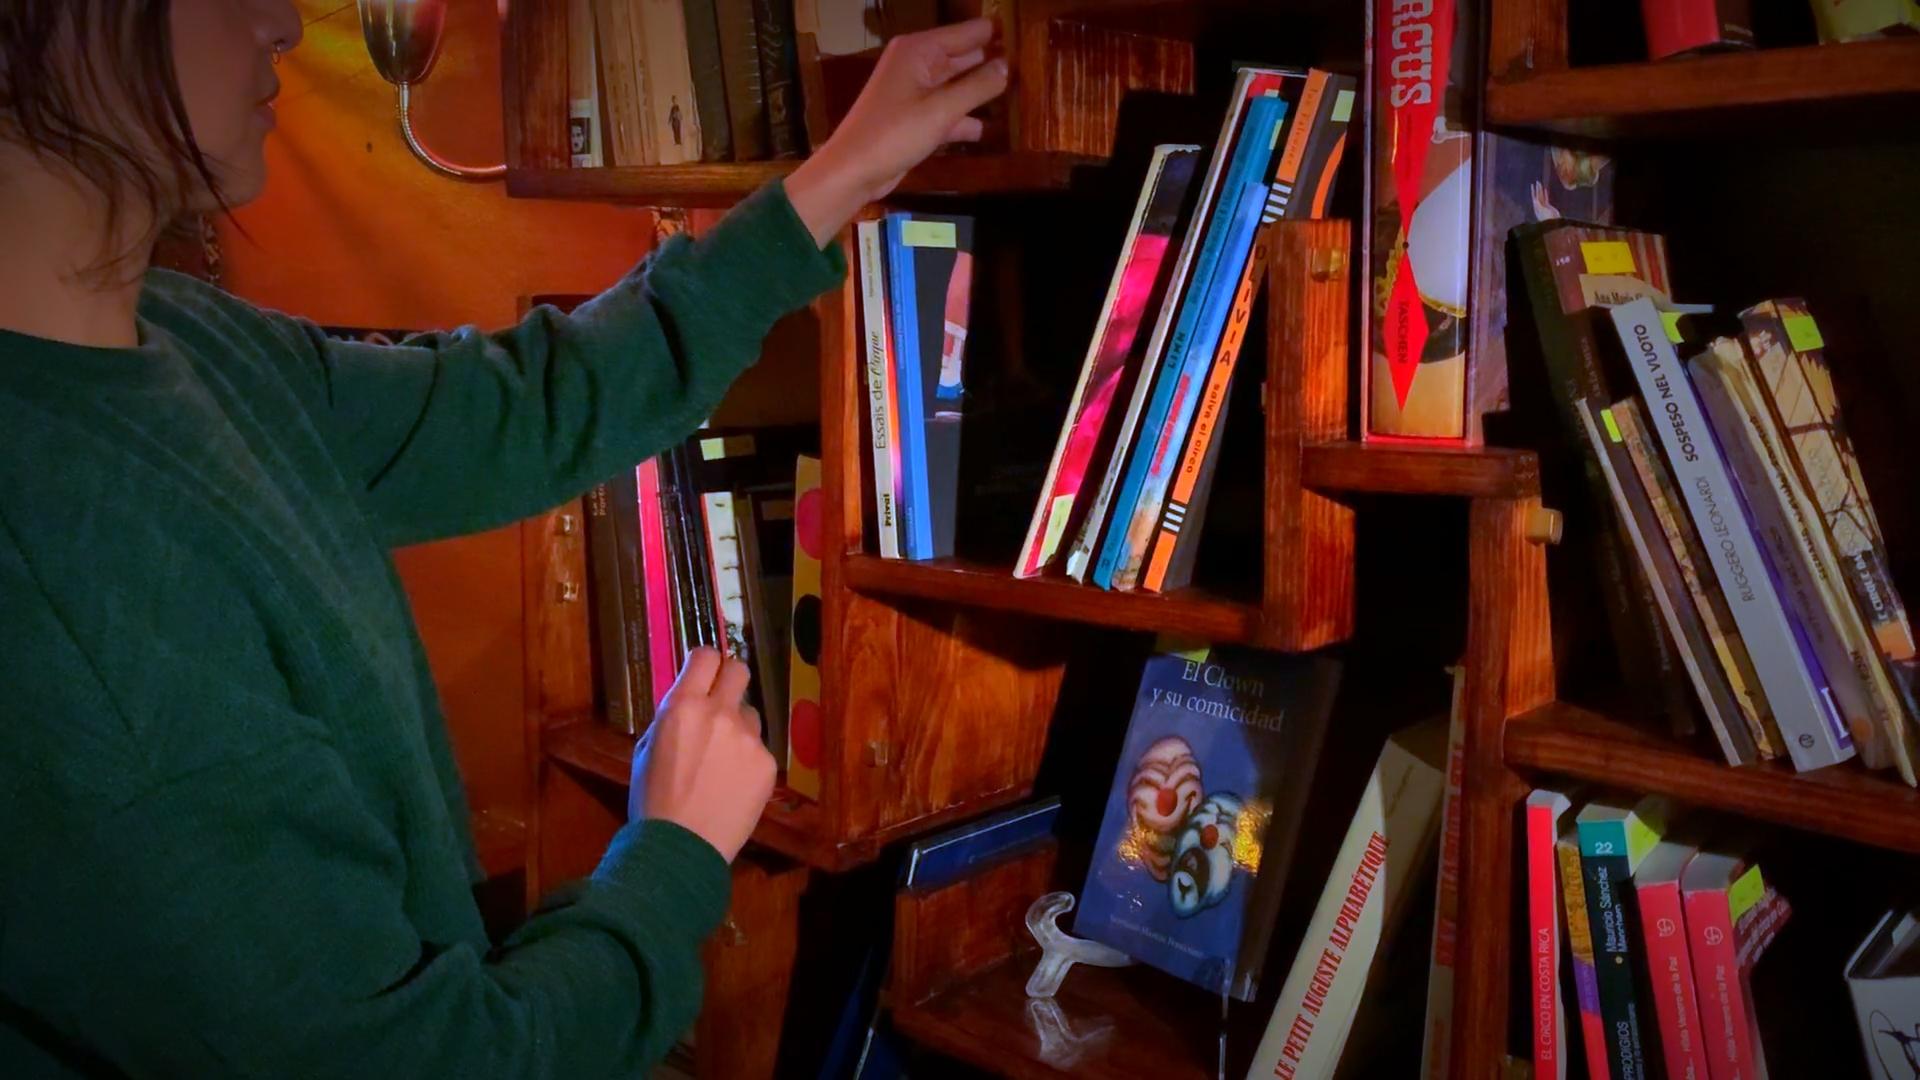 La biblioteca de Cirko Demente cuenta con más de mil libros y documentos sobre temática circense. Foto: Arturo Díaz